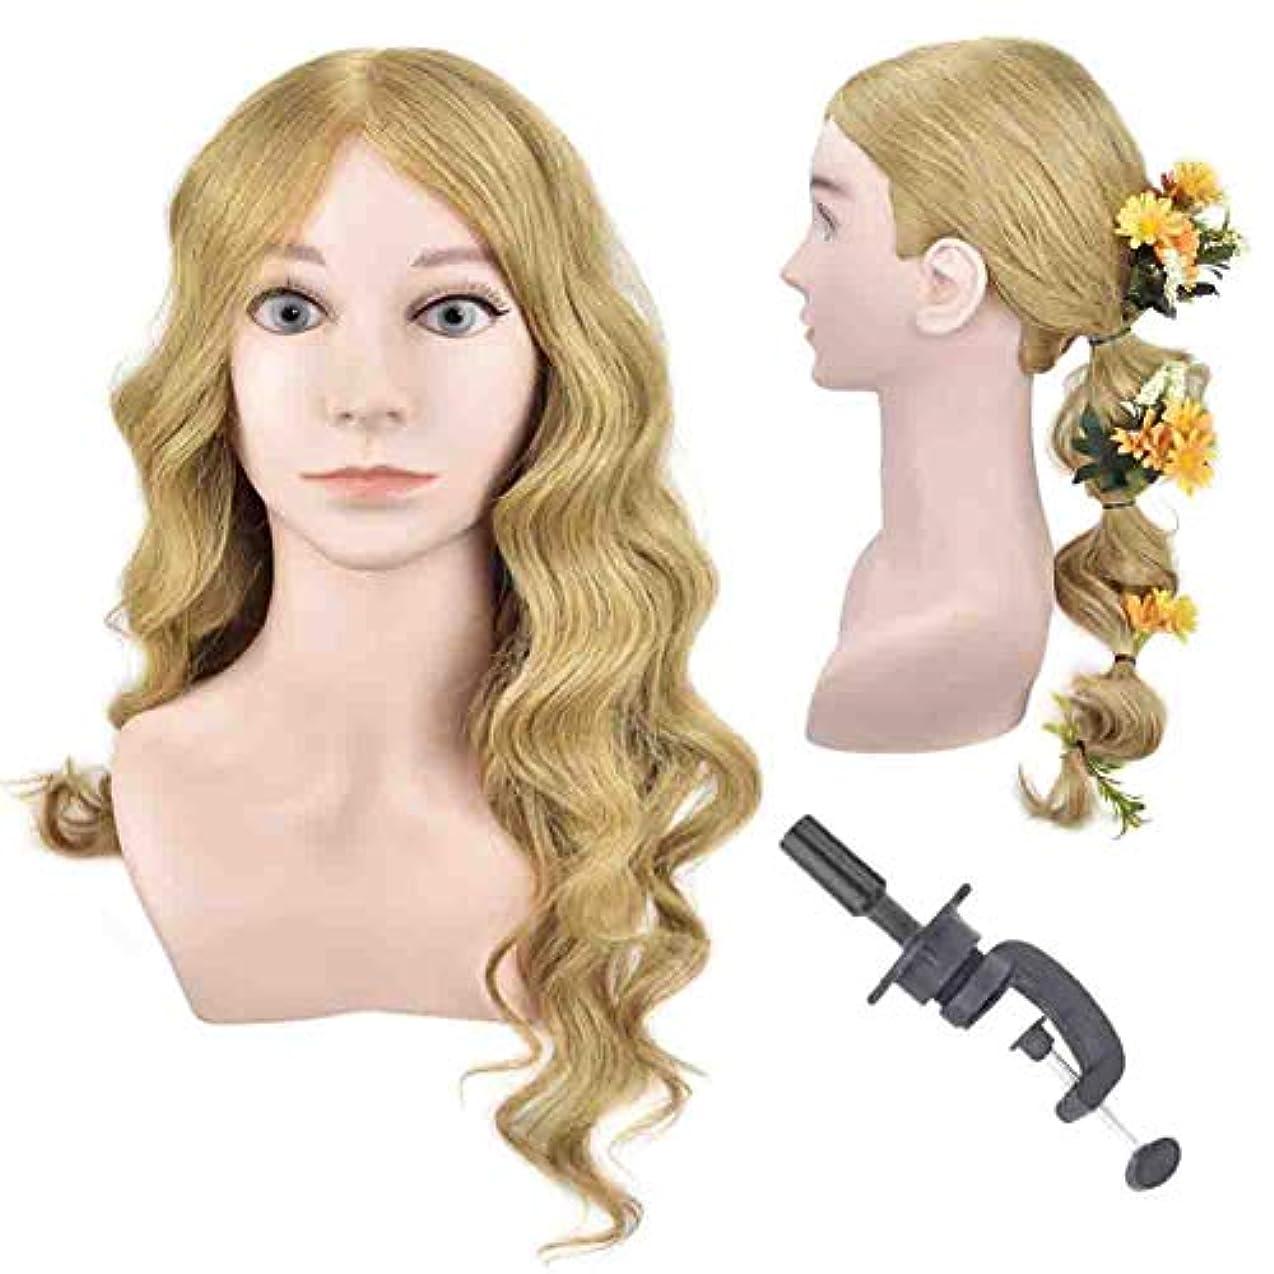 以降寂しい捕虜編んだ髪のヘッドモデル本物の人間の髪のスタイルの学習モデルヘッドサロンの学習は熱いと染めた髪のダミーの頭にすることができます